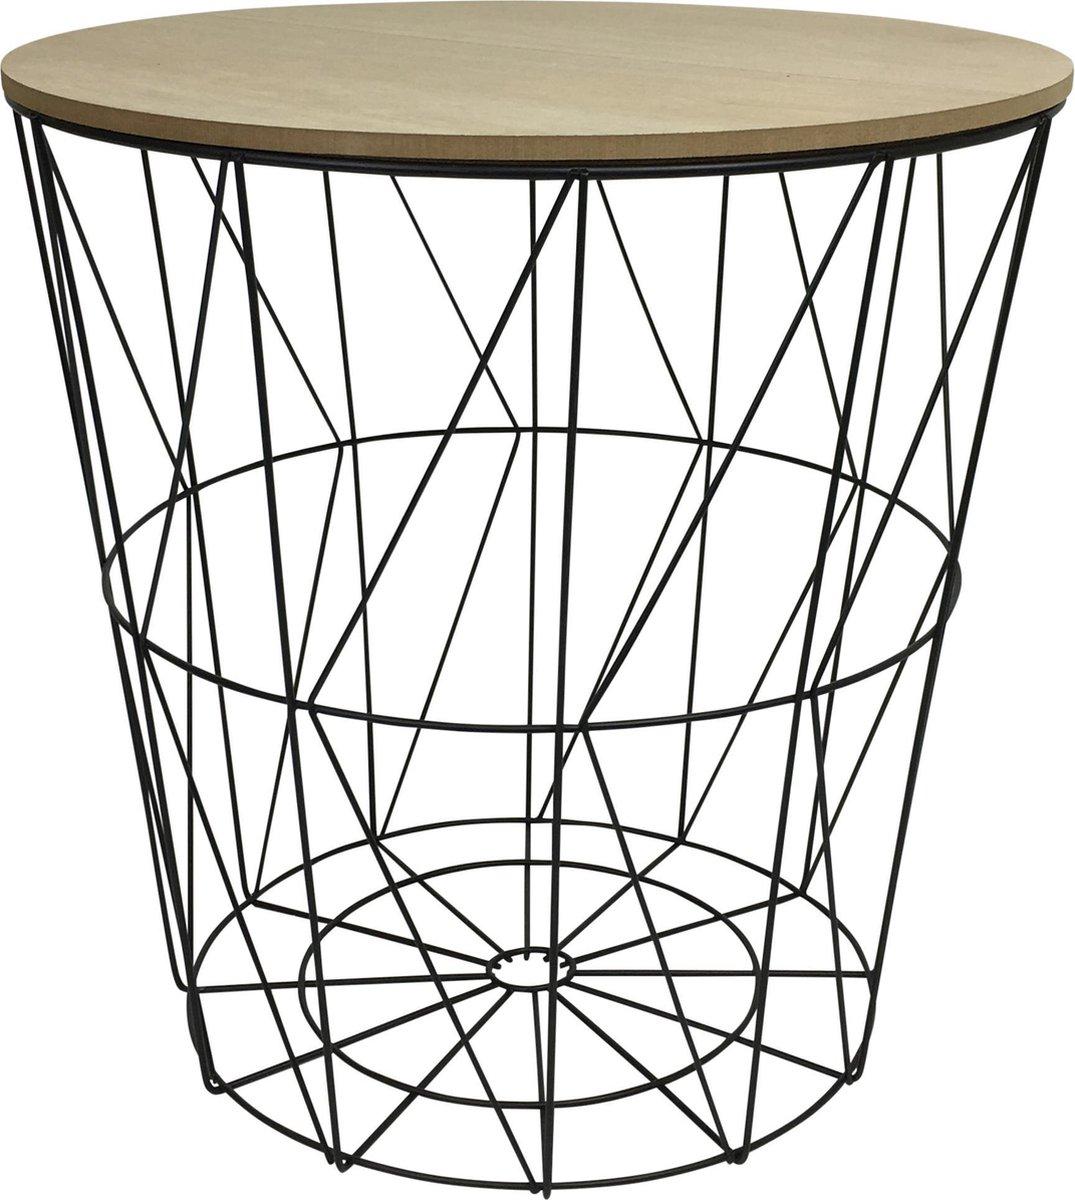 Housevitamin - Basket - bijzettafel - metal - zwart - Housevitamin